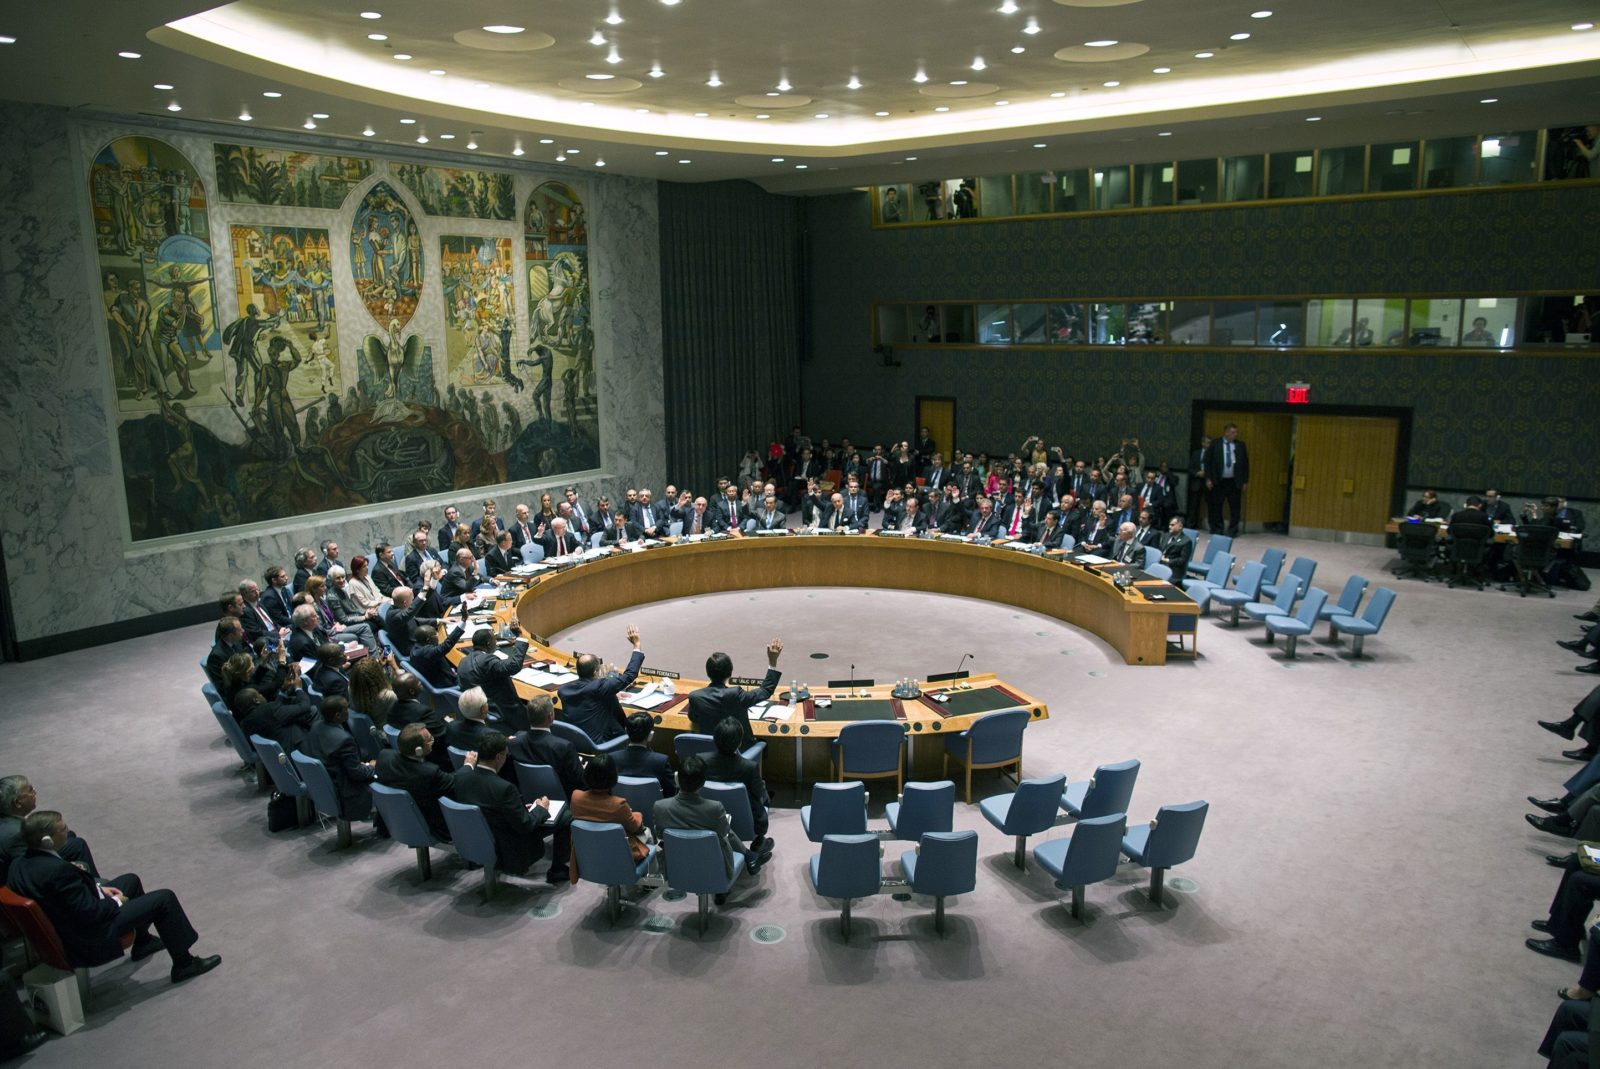 La Cina e la Corea del Nord, la risoluzione 2371 del Consiglio di Sicurezza